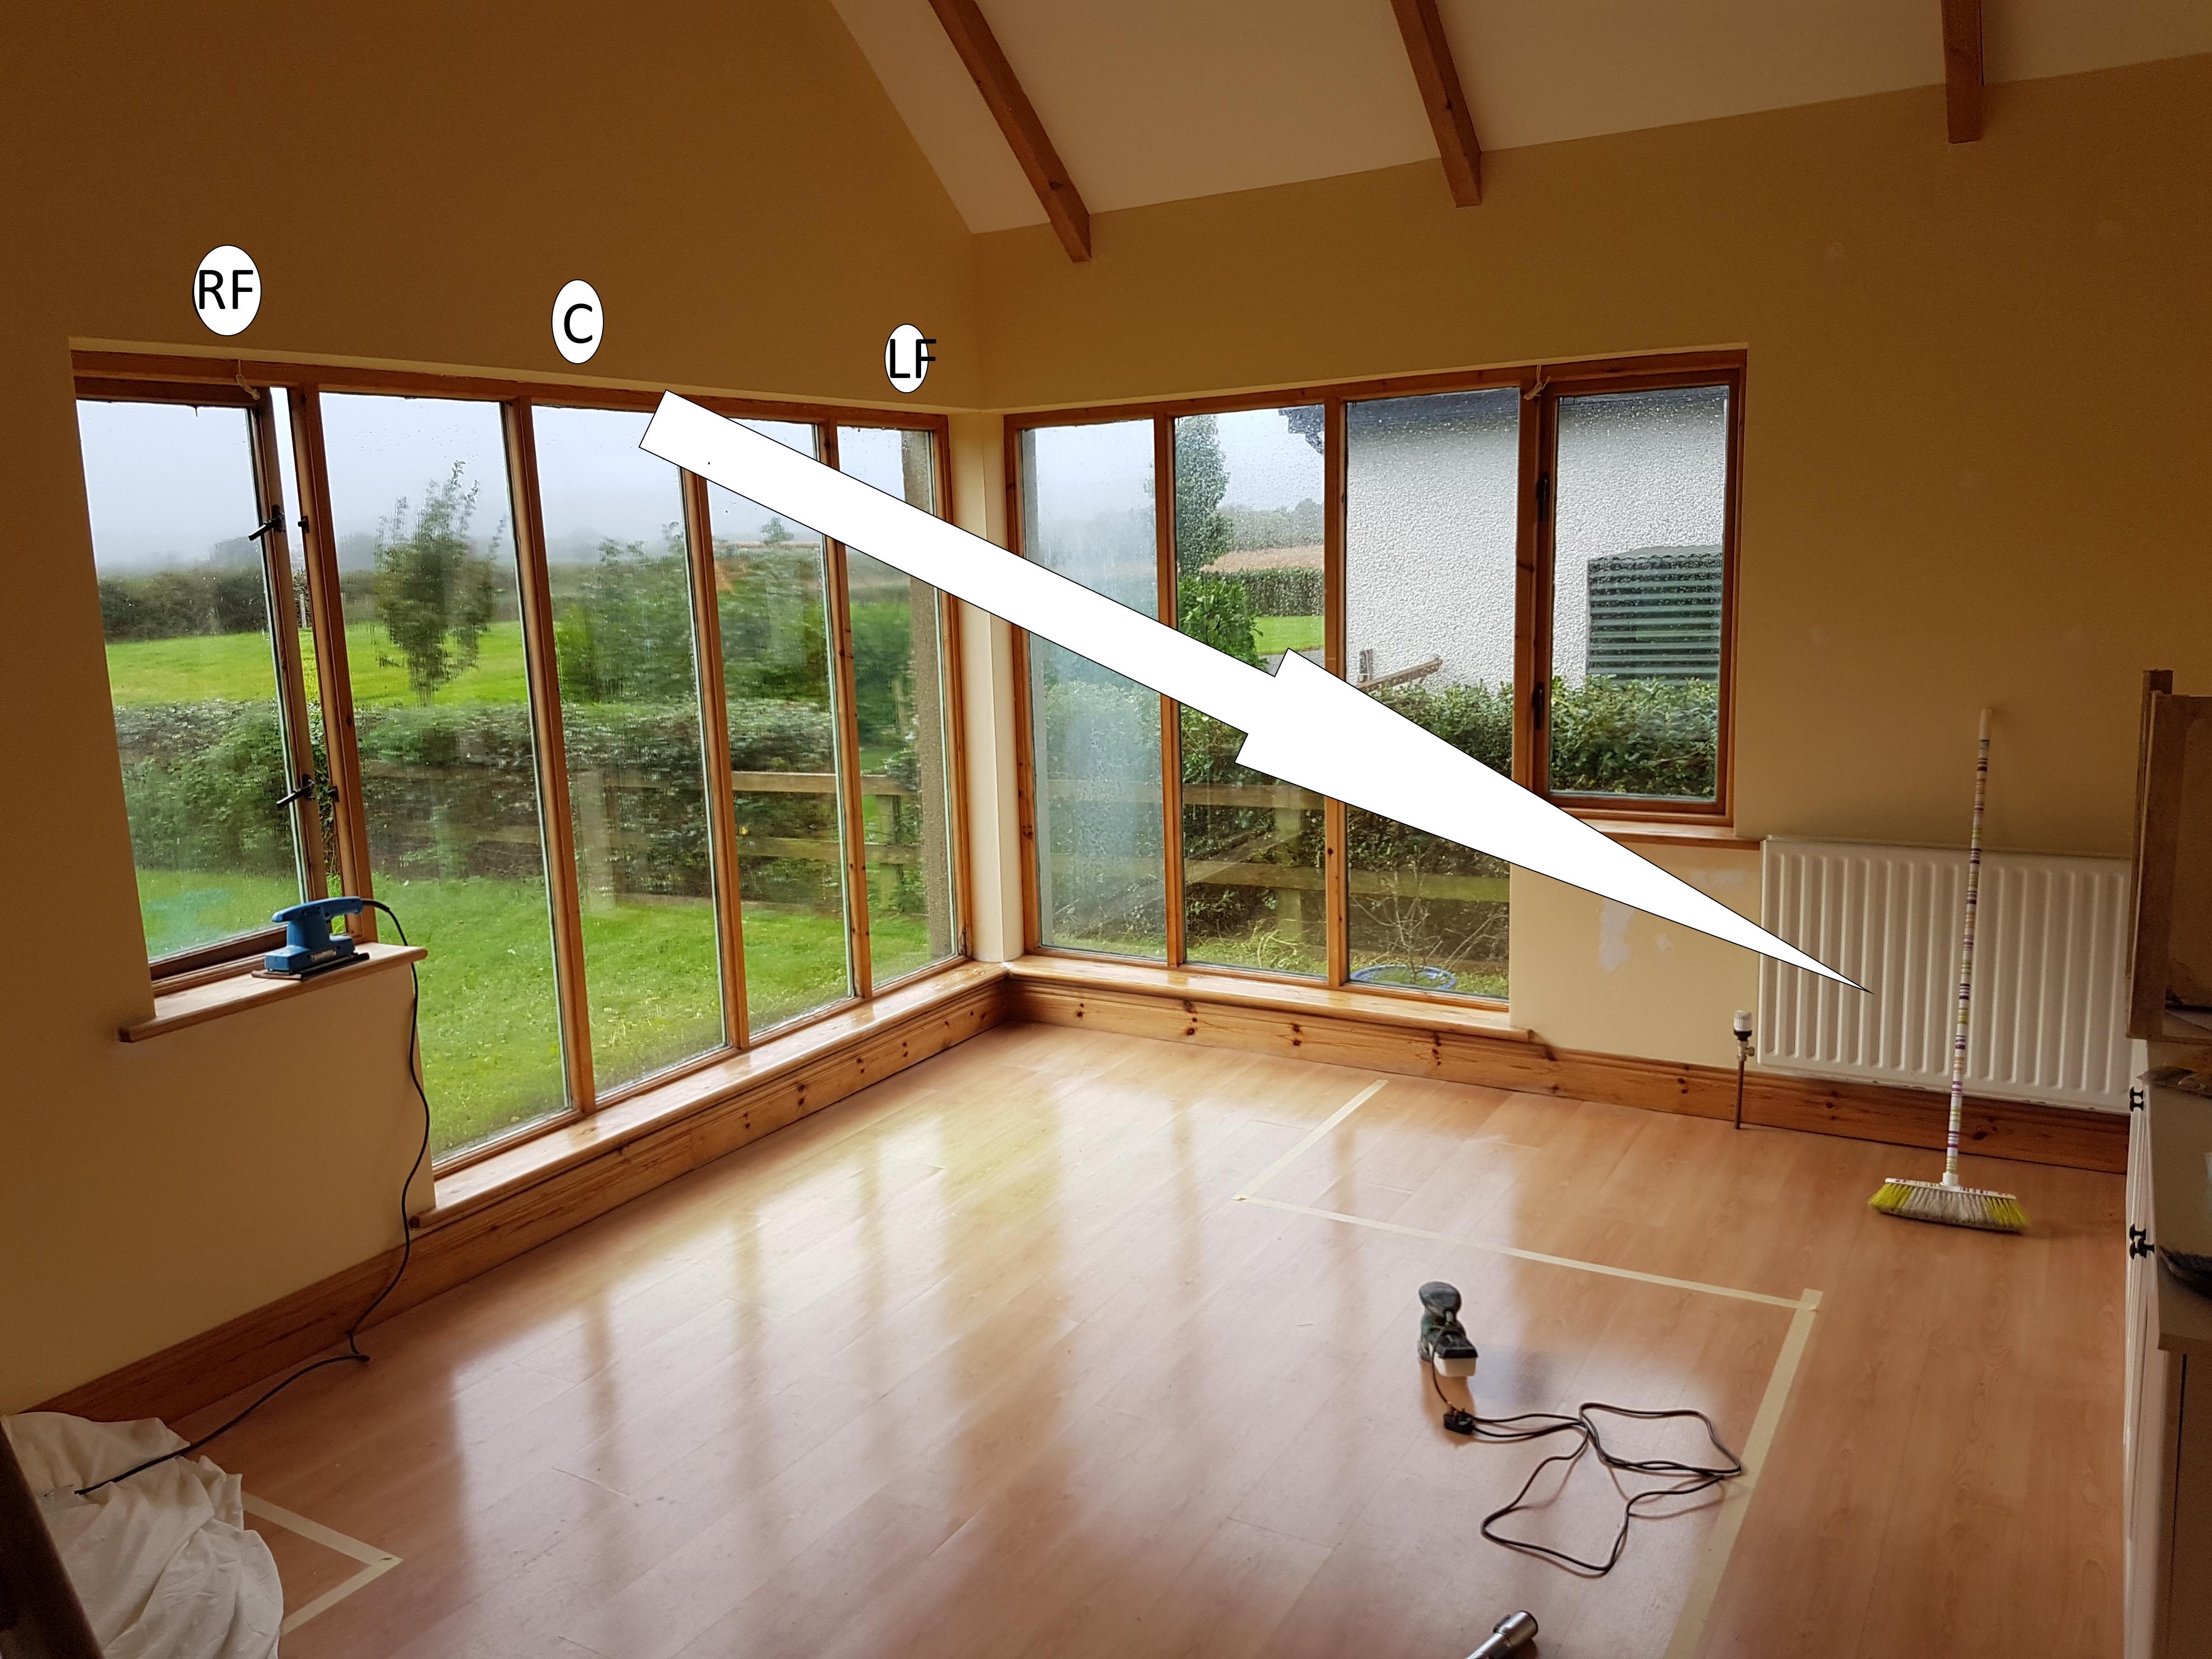 wall mount speaker.jpg